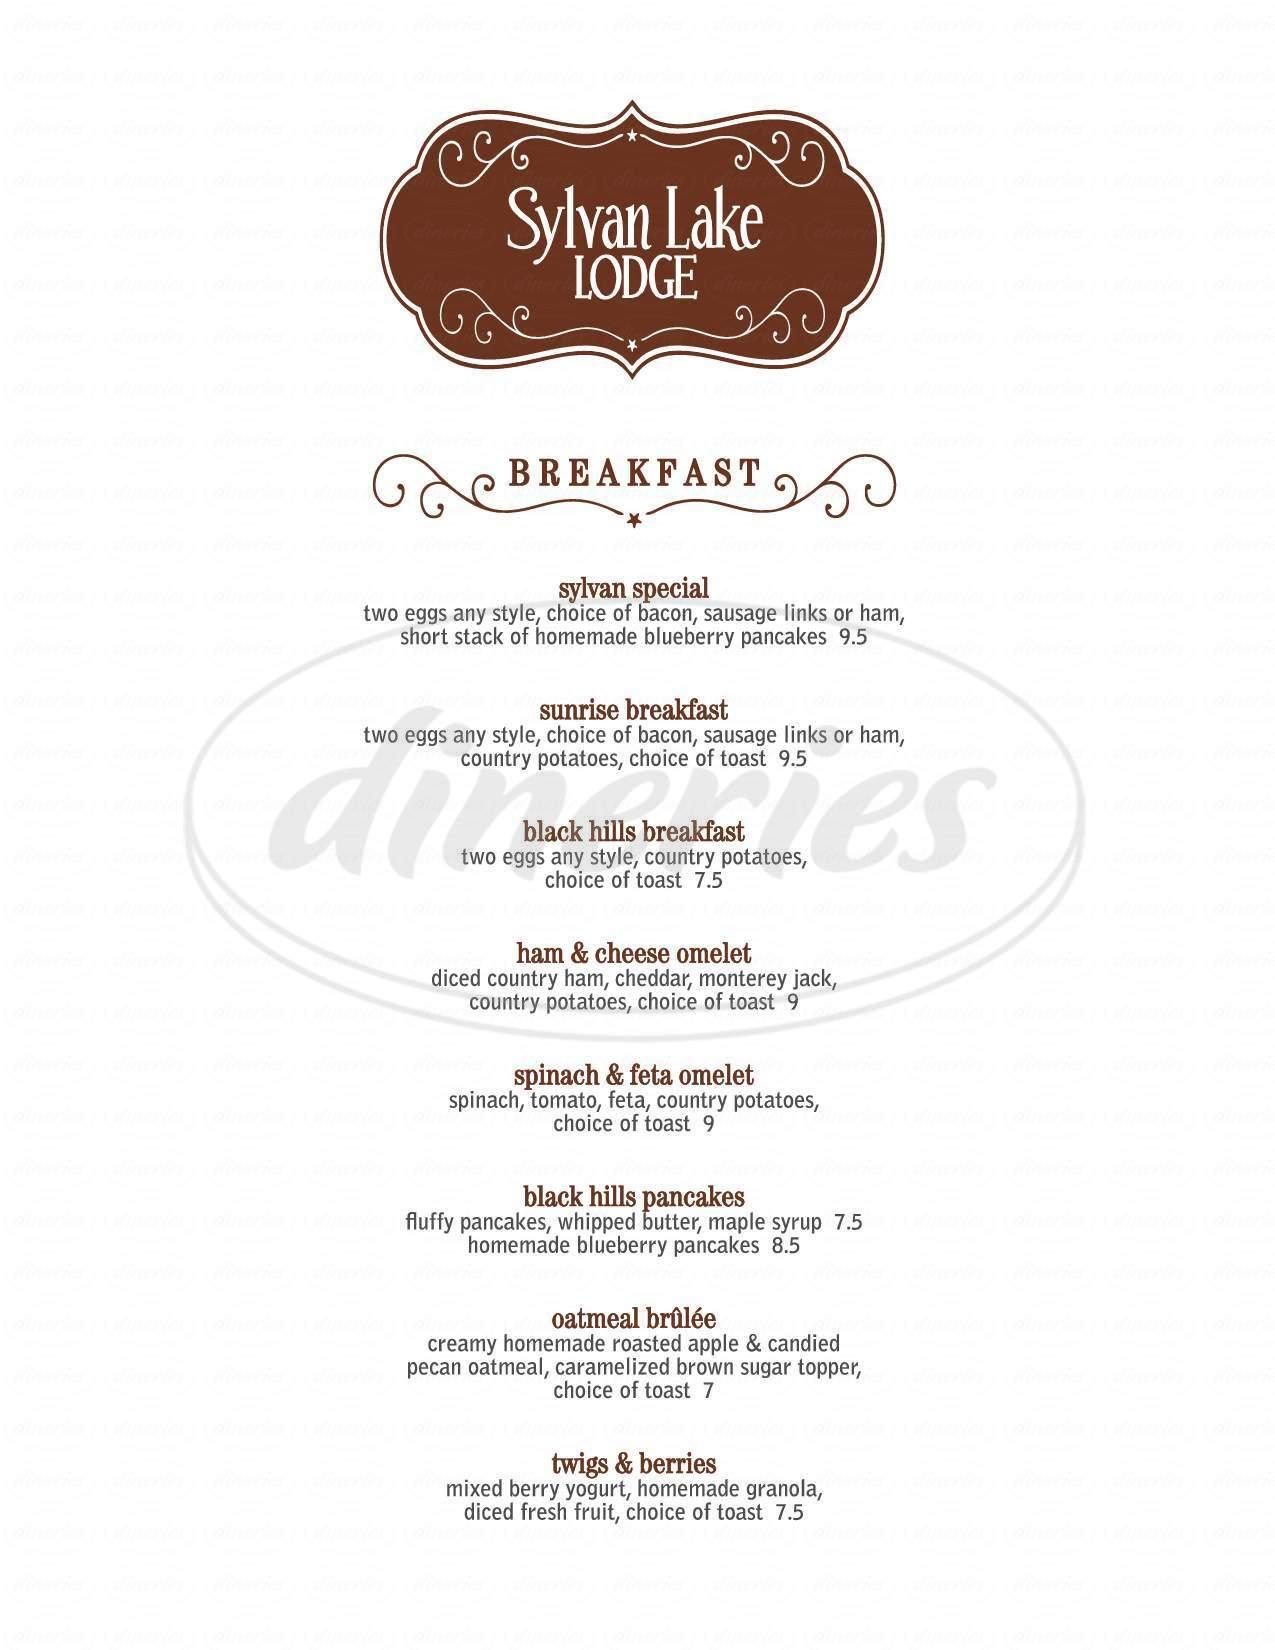 menu for Sylvan Lake Lodge Restaurant